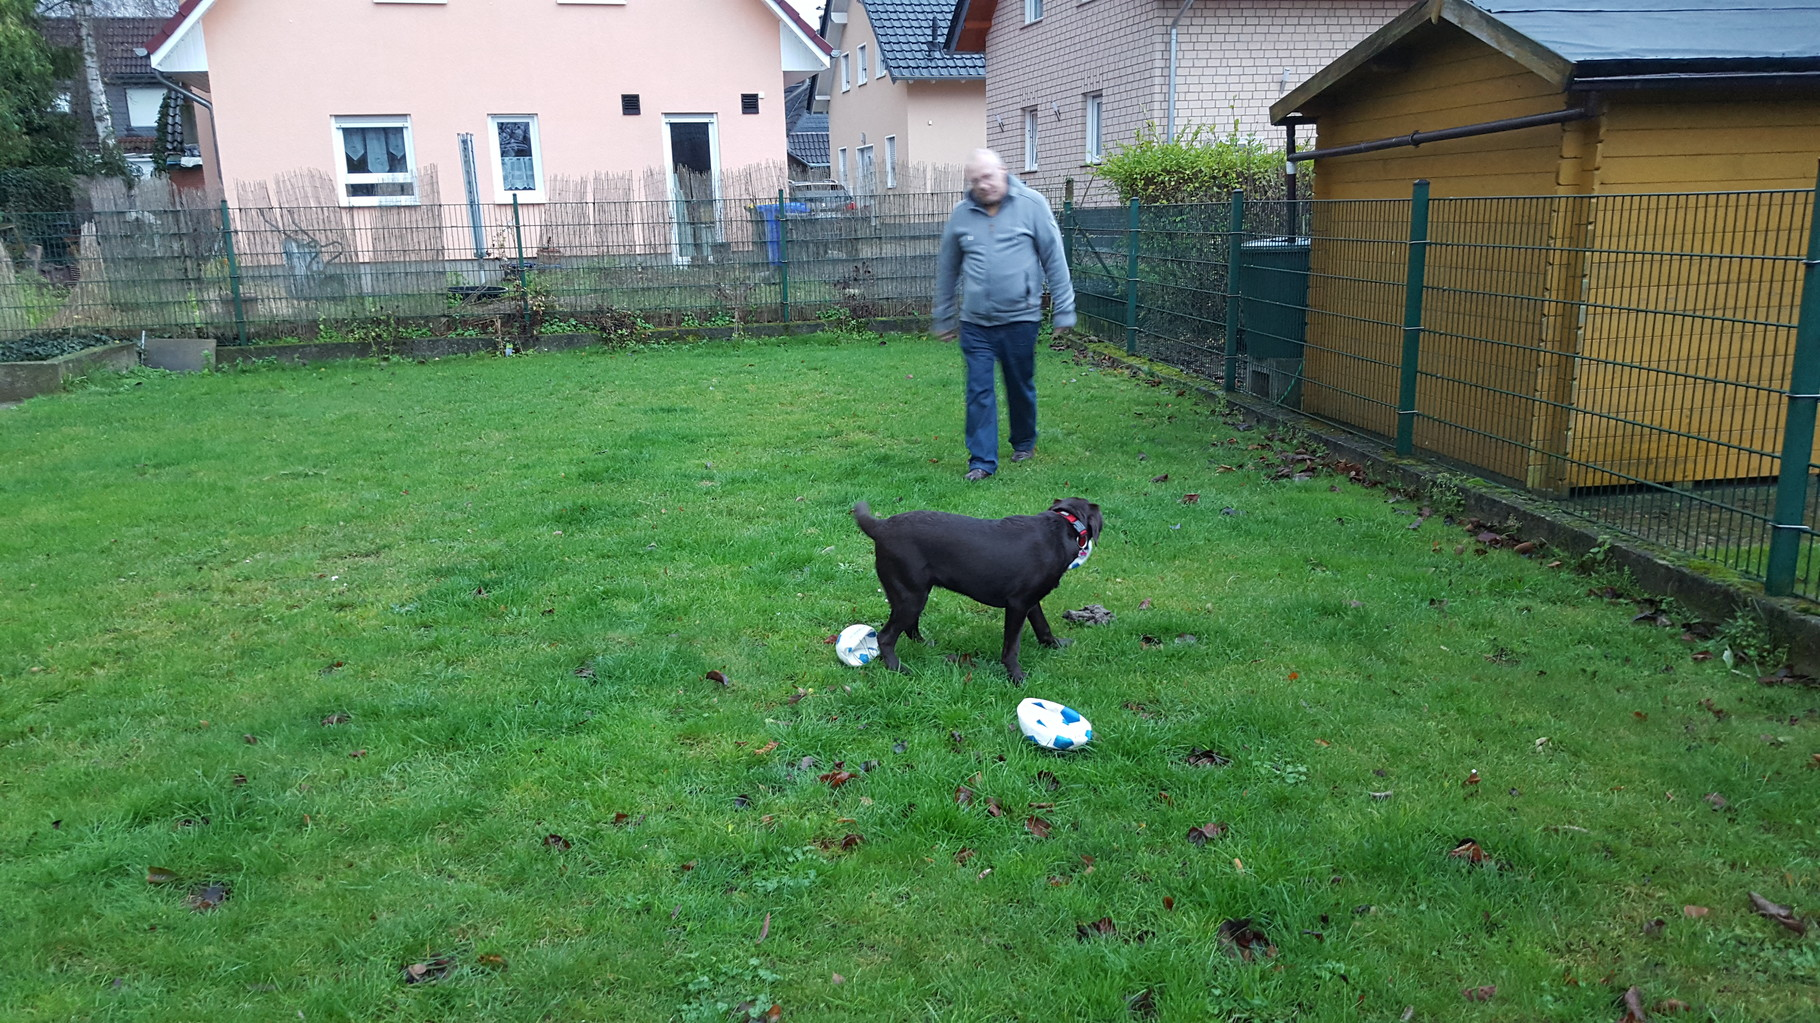 Toll, früh morgens bei Freunden in Wesseling im Garten Fußball spielen....